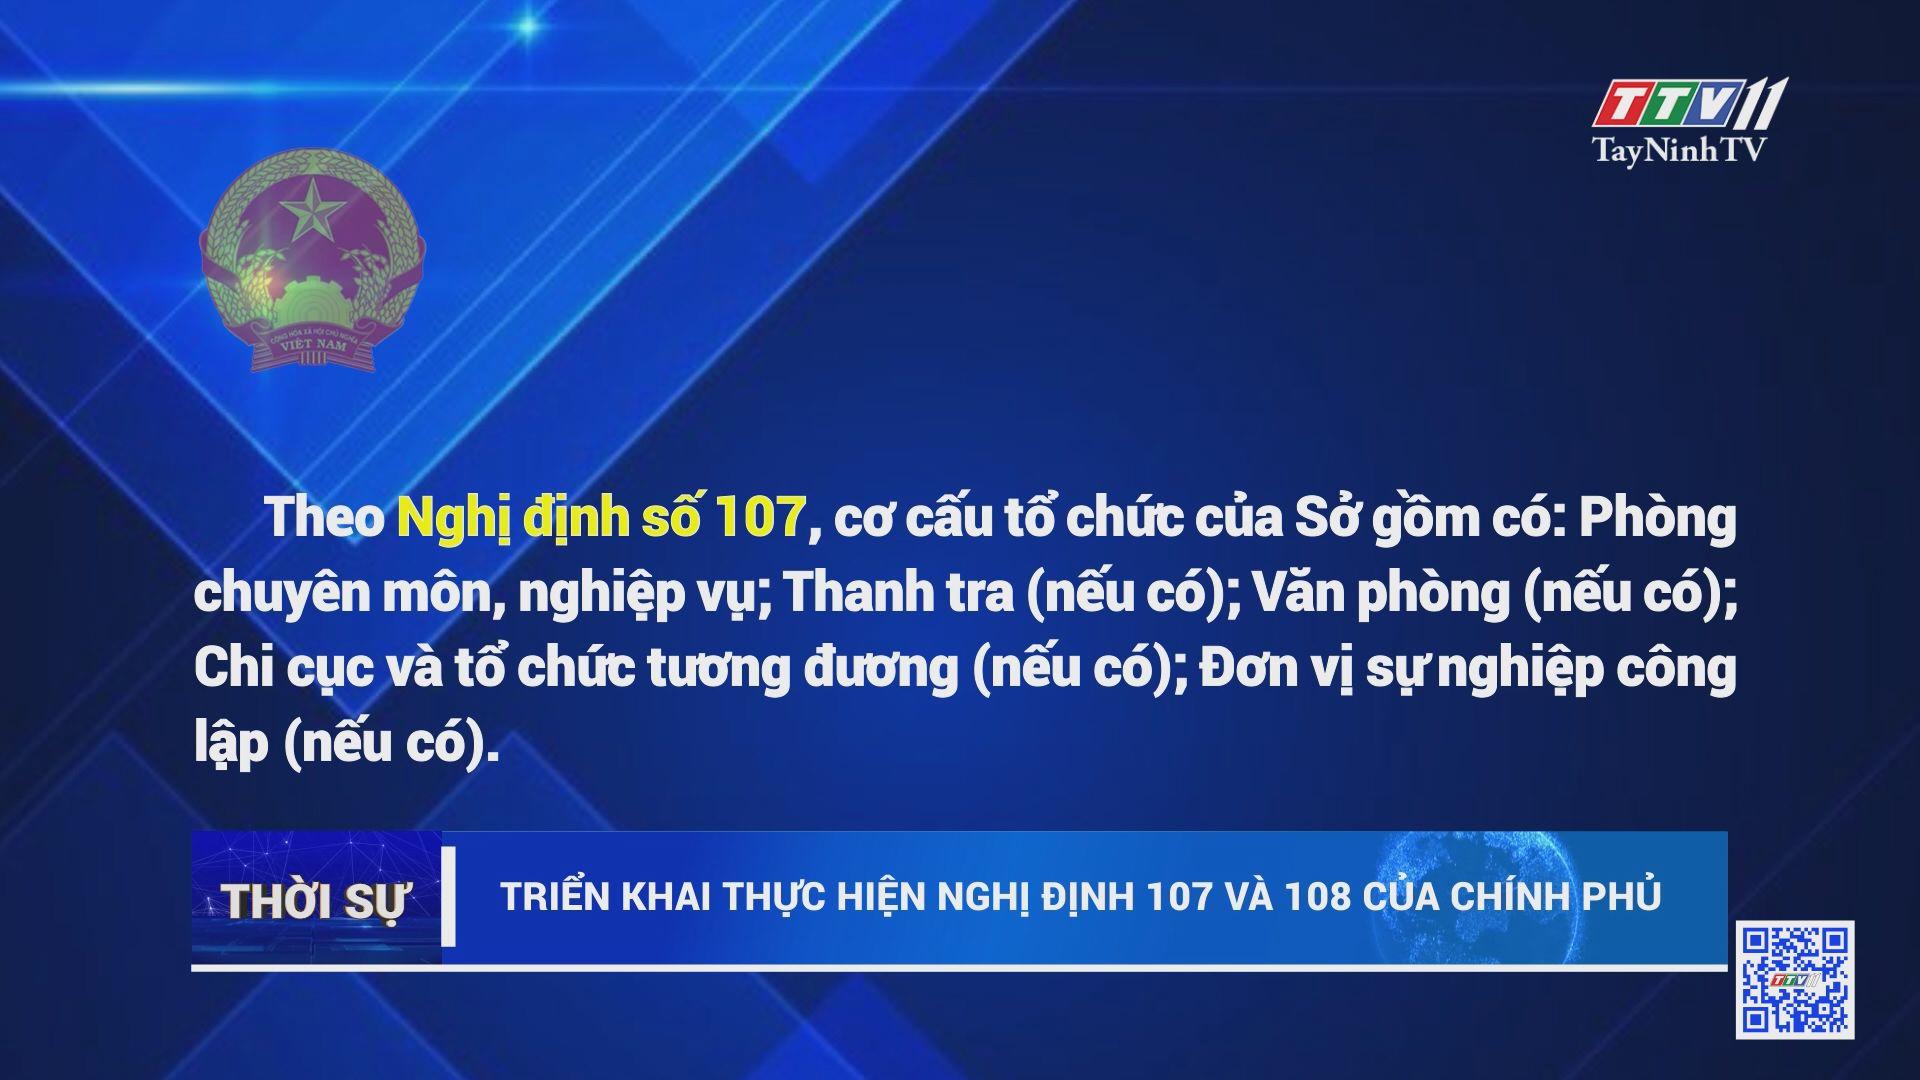 Triển khai thực hiện Nghị định 107 và 108 của Chính phủ | TayNinhTV